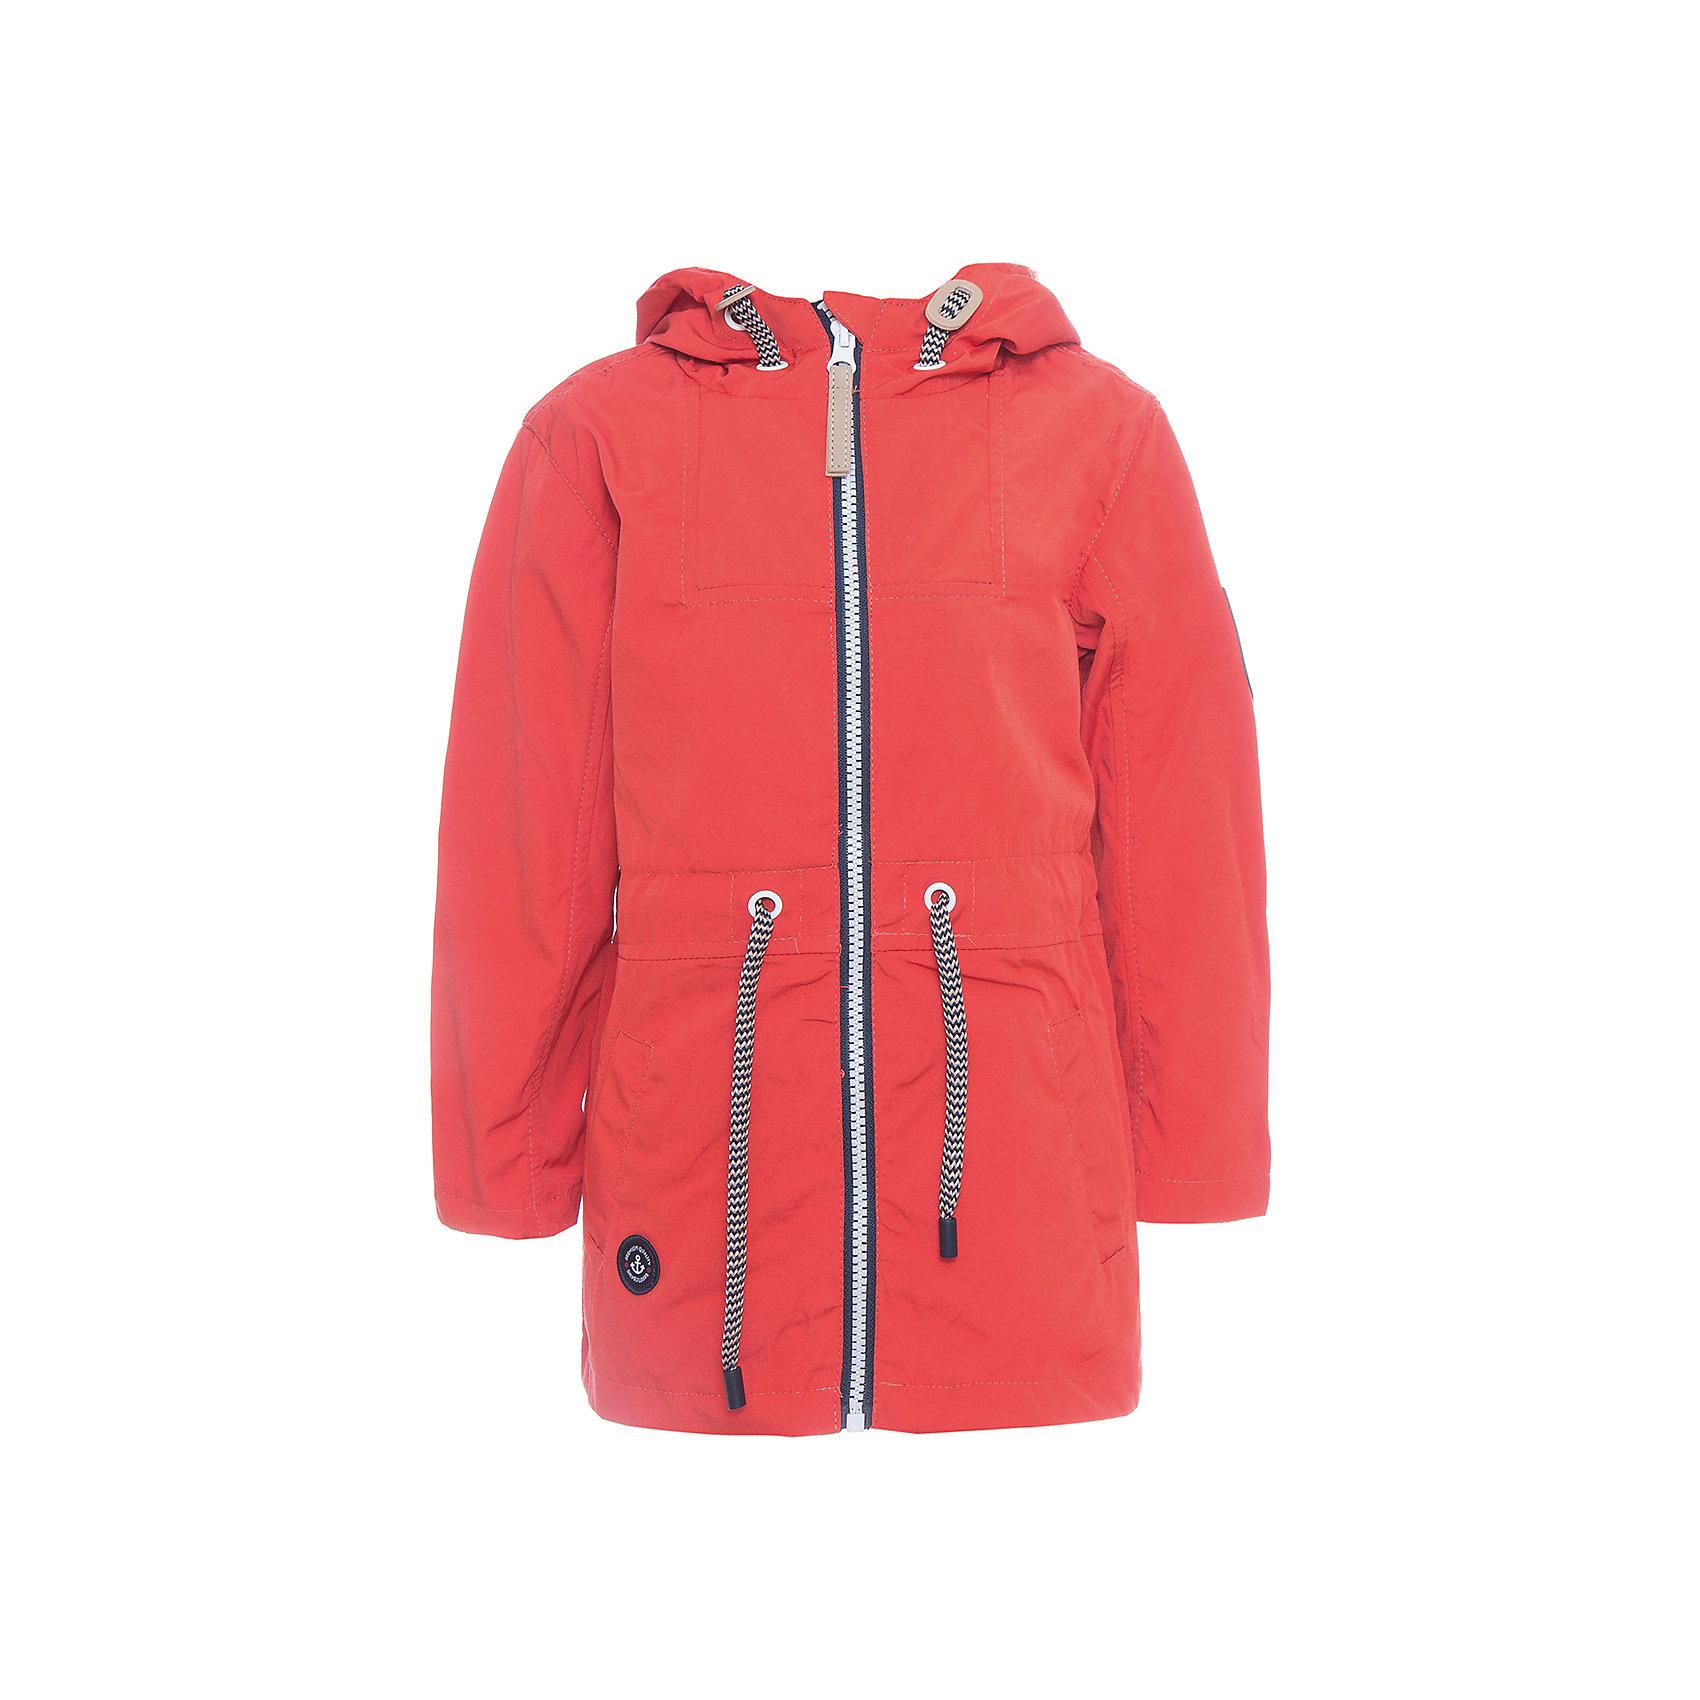 Куртка для мальчика PlayTodayВерхняя одежда<br>Практичная куртка с капюшоном со специальной водоотталкивающей пропиткой защитит Вашего ребенка в любую погоду! Специальный карман для фиксации застежки-молнии не позволит застежке травмировать нежную кожу ребенка. Модель на поясе снабжена регулируемым шнуром - кулиской для дополнительного сохранения тепла. На рукаве и по низу изделия расположены светоотражающие эементы. Ваш ребенок будет виден даже в темное время суток.Преимущества: Водоооталкивающая тканьСветоотражающие элементыЗащита подбородка. Специальный карман для фиксации застежки - молнии не позволит застежке травмировать нежную кожу ребенка.<br>Состав:<br>65% полиэстер, 35% хлопок<br><br>Ширина мм: 356<br>Глубина мм: 10<br>Высота мм: 245<br>Вес г: 519<br>Цвет: оранжевый<br>Возраст от месяцев: 72<br>Возраст до месяцев: 84<br>Пол: Мужской<br>Возраст: Детский<br>Размер: 122,104,128,98,110,116<br>SKU: 5604394